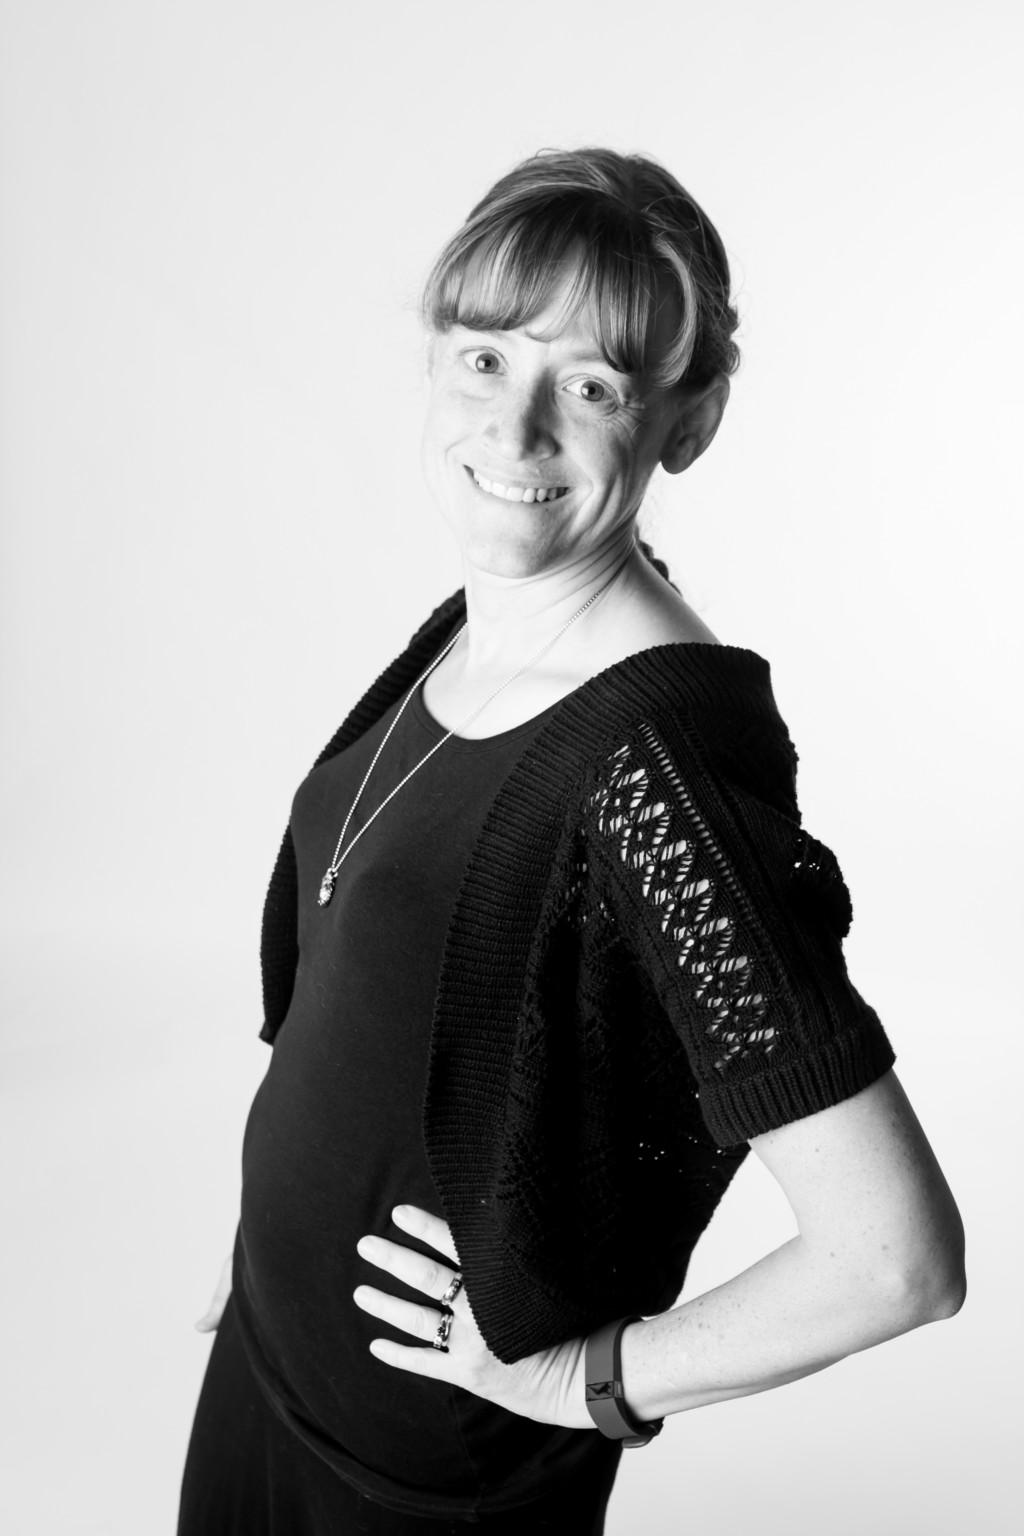 Kristi Bothur - Real Mom Bods - Columbia SC Moms Blog